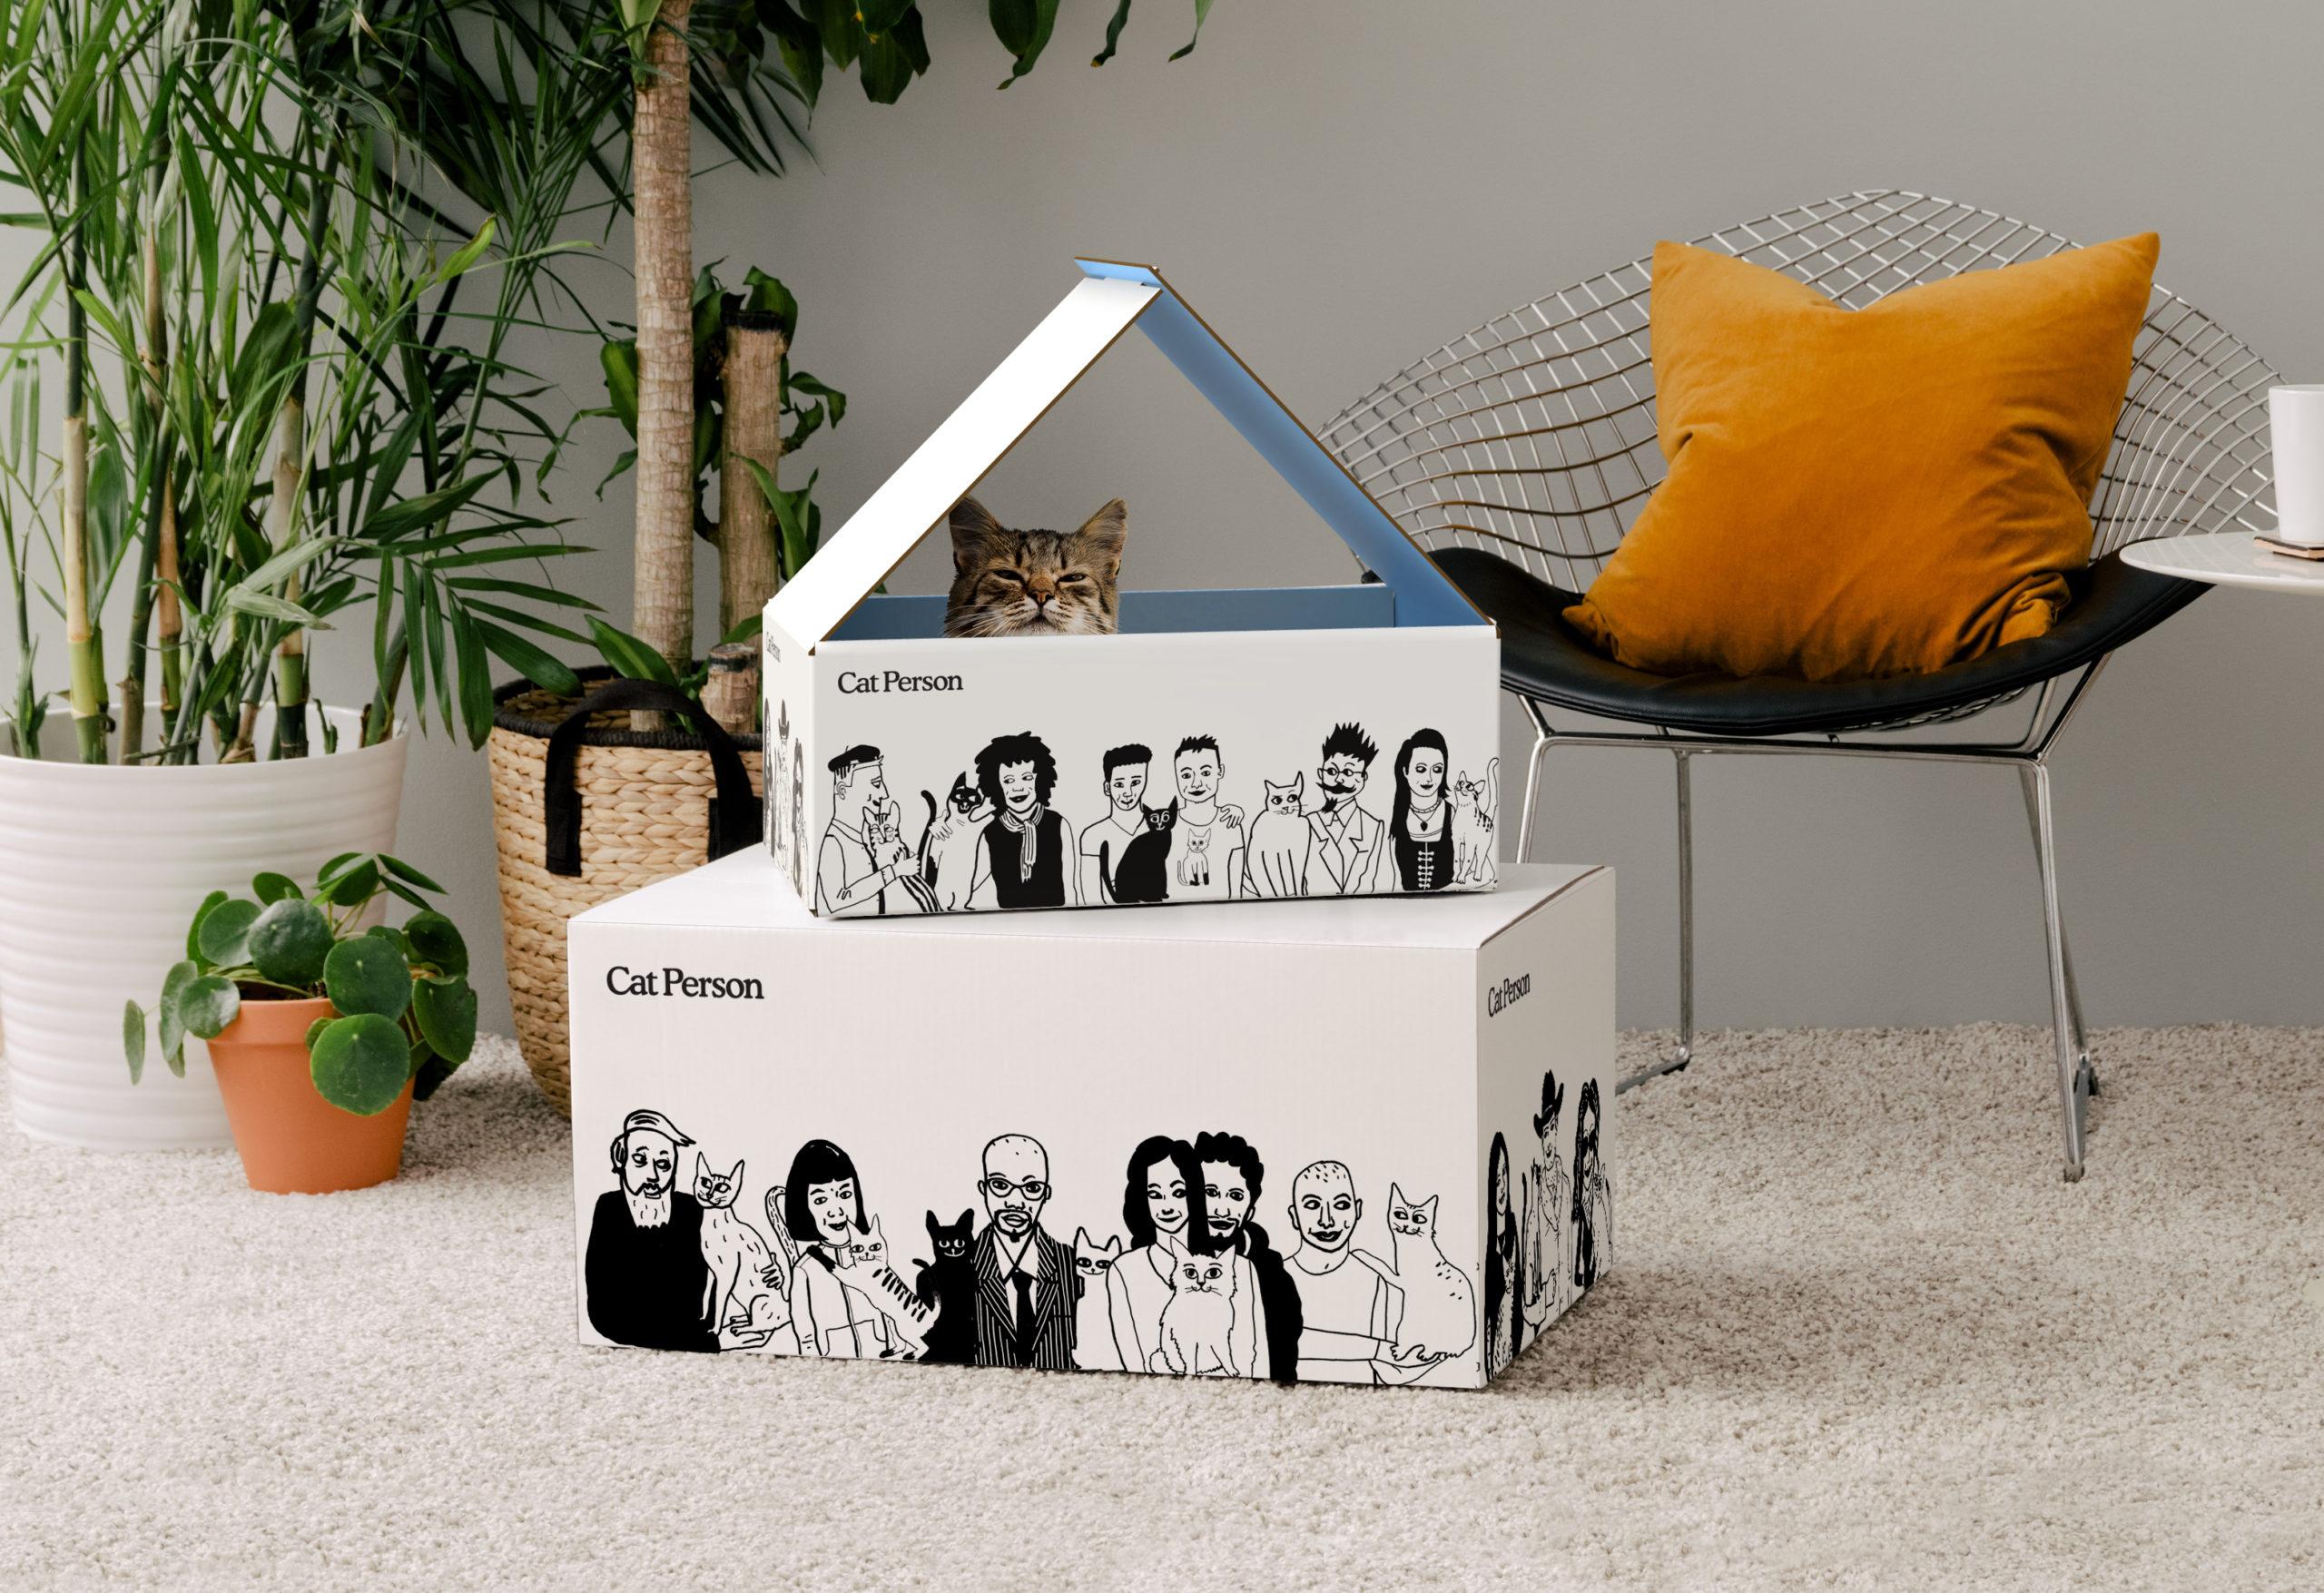 19_11_05 Cat Person_BOX_010_5